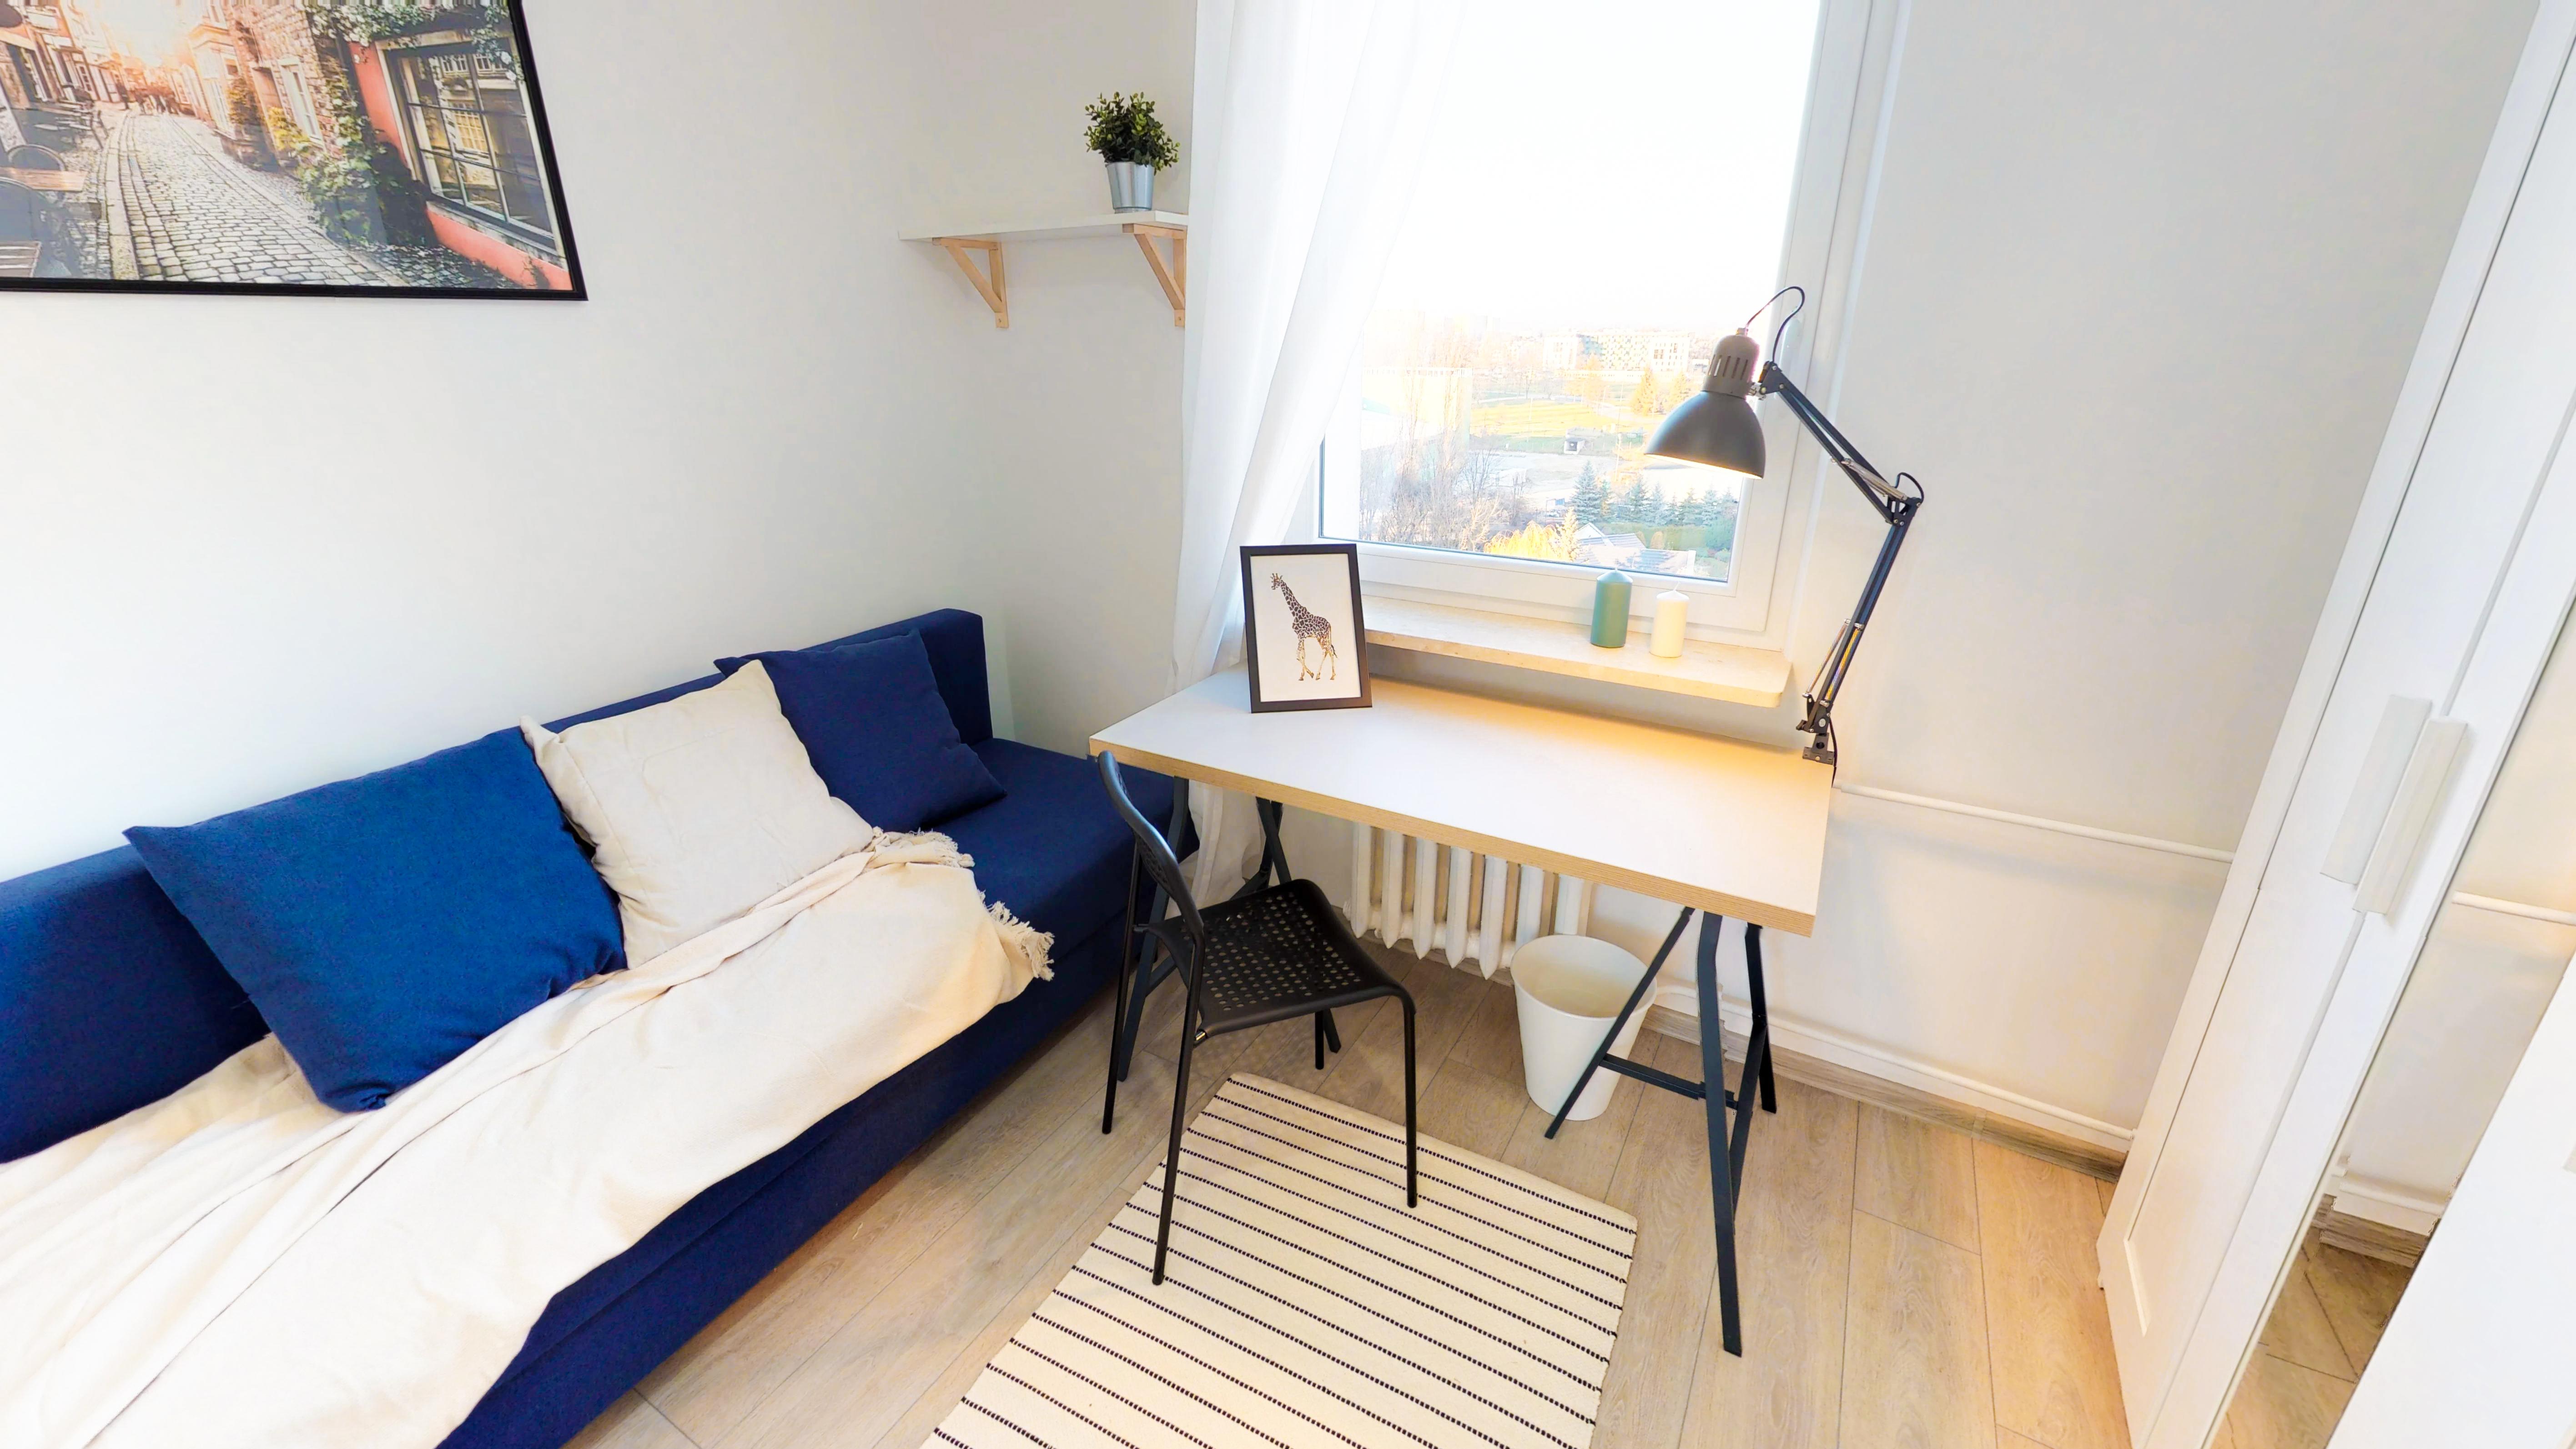 mieszkanie na wynajem wirtualny spacer